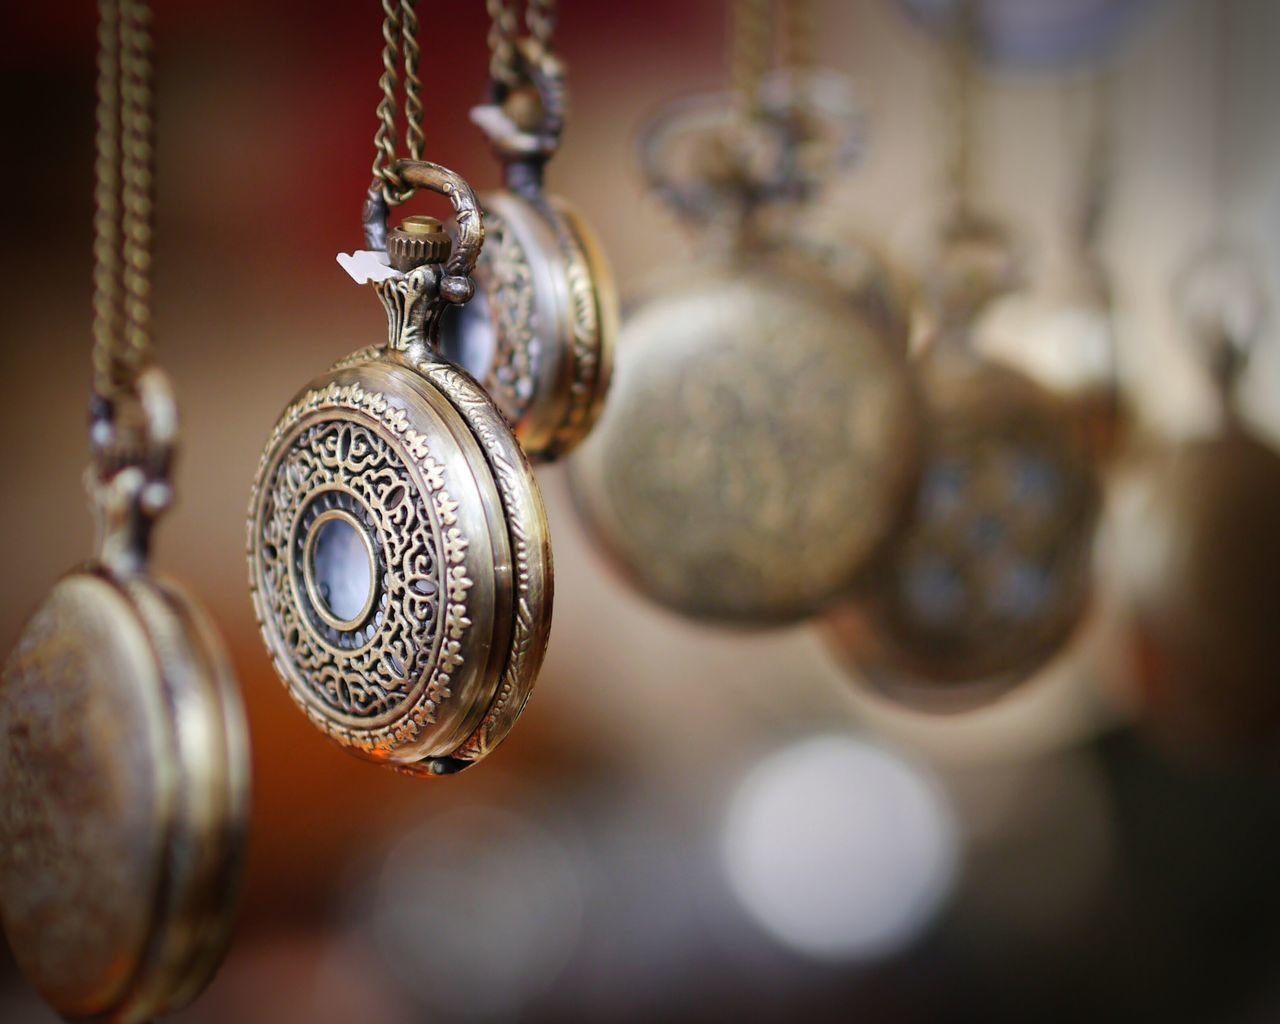 Berlin Fleemarket Clocks Selective Focus Depth Of Field Bokeh Balls Pocket Watch